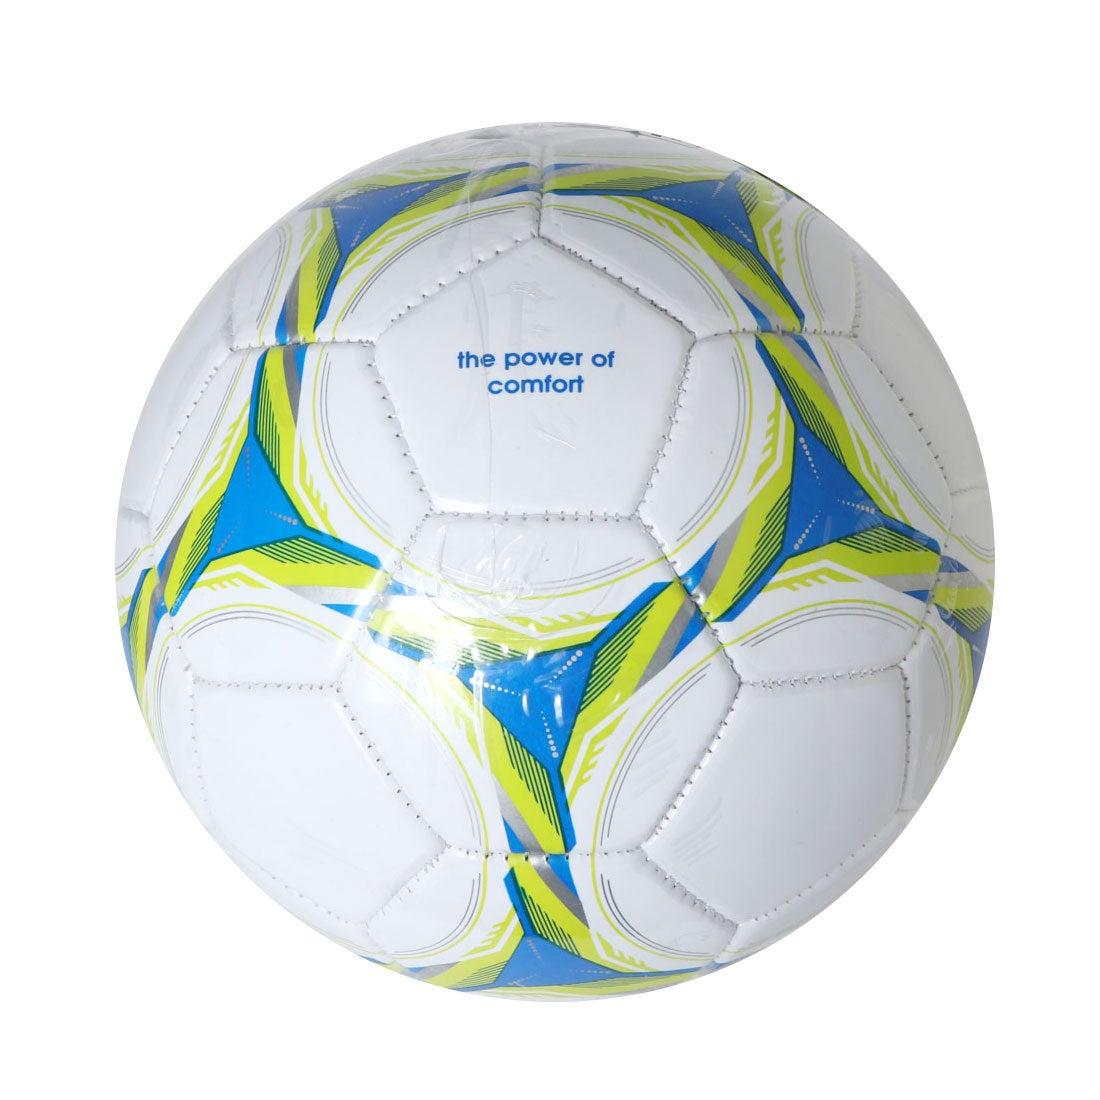 ロコンド 靴とファッションの通販サイトイグニオ IGNIO ジュニア サッカー 練習球 8210020637